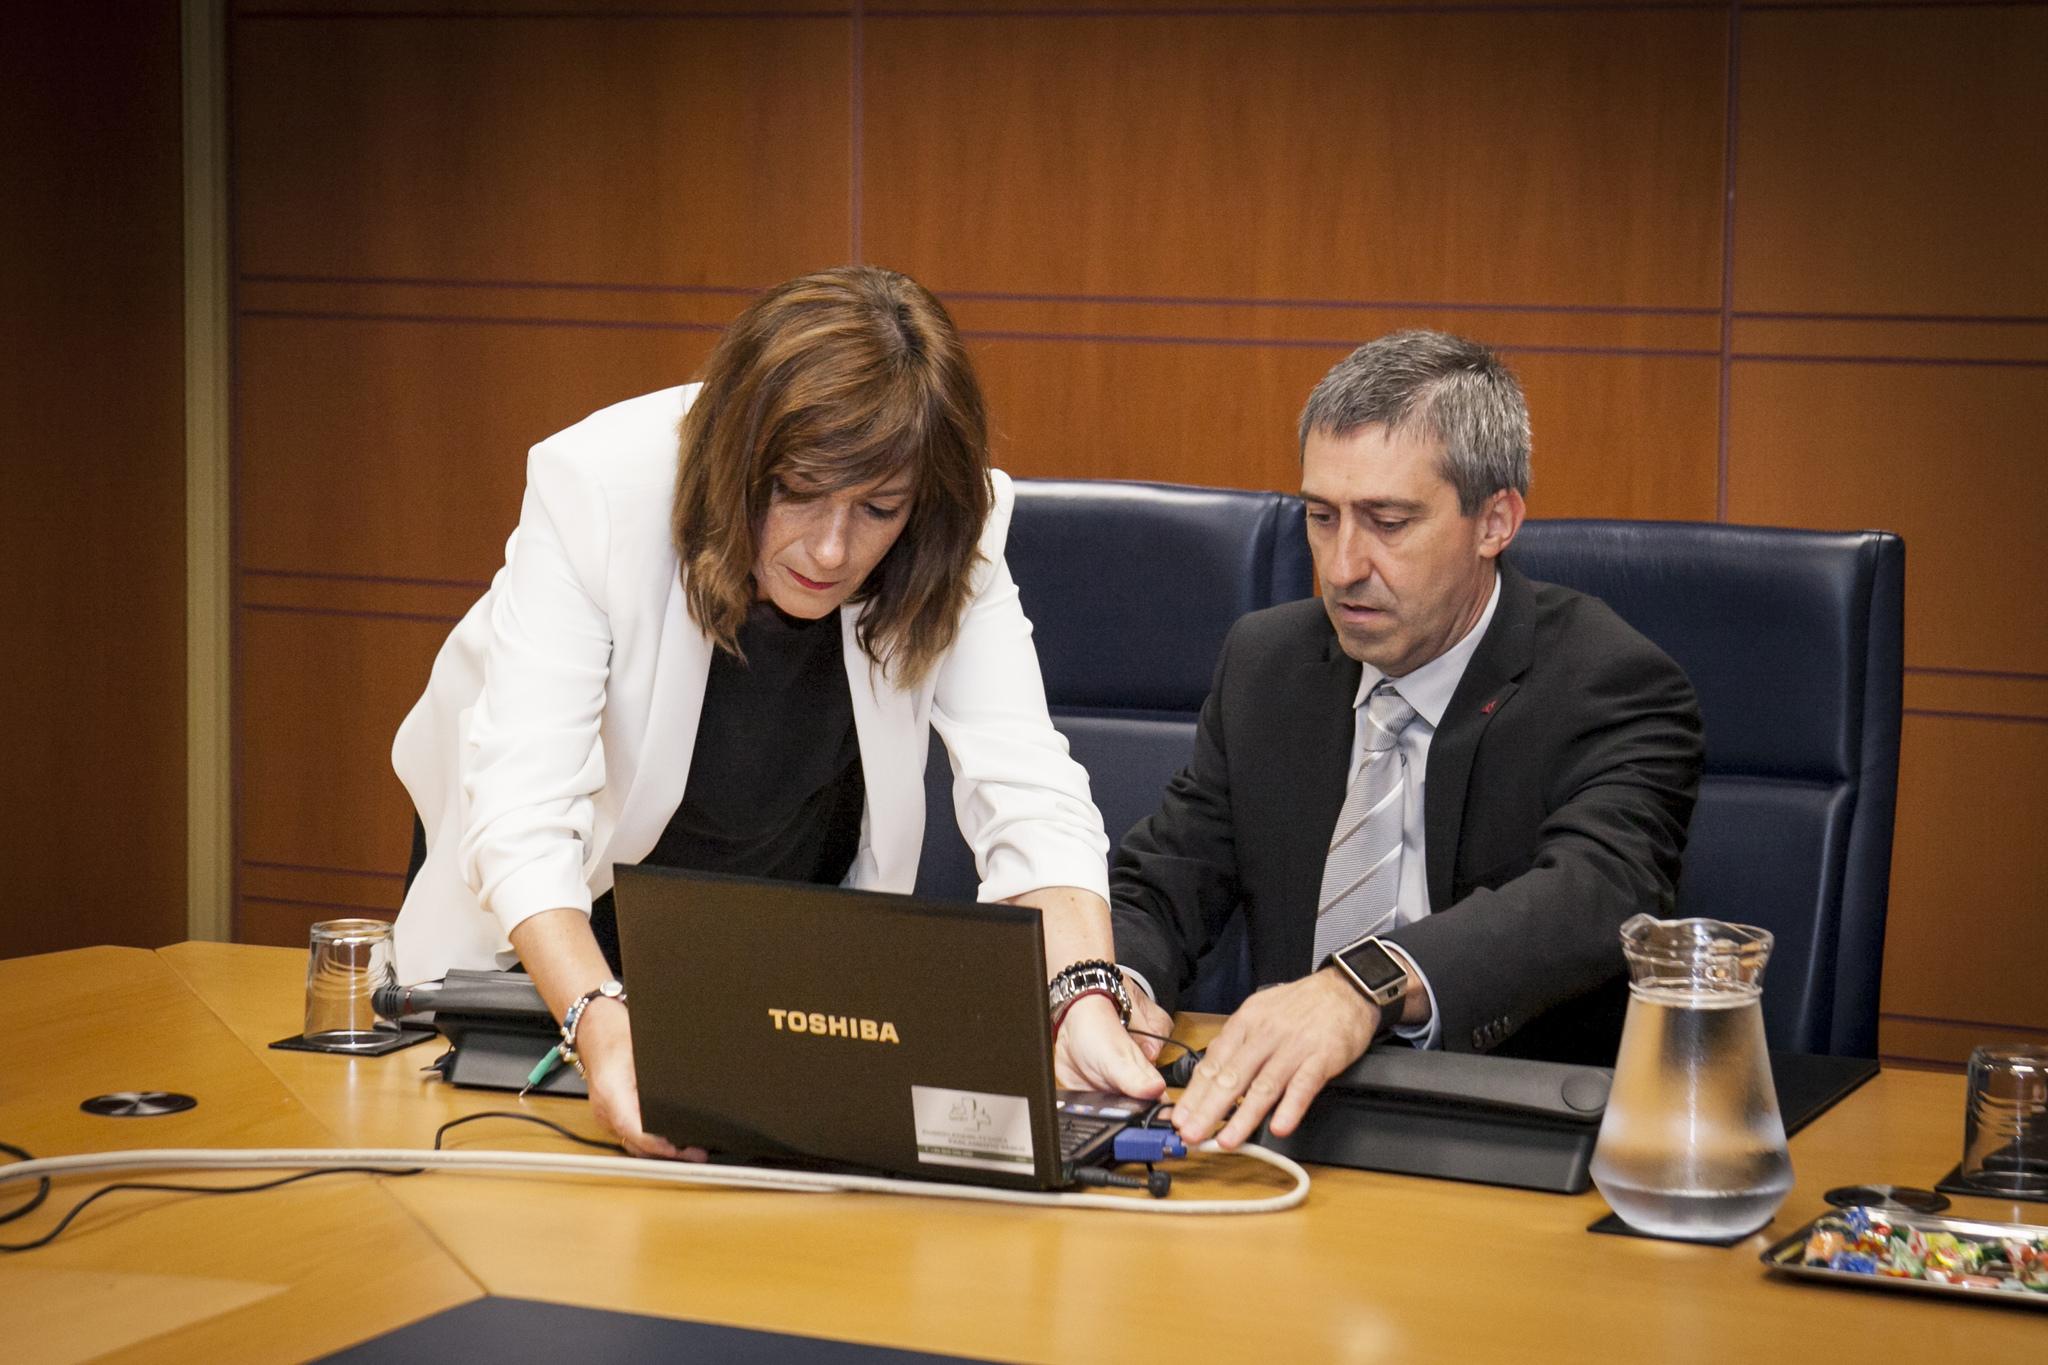 La viceconsejera Lide Amilibia con el director Ernesto Sainz, en una comparecencia en el Parlamento.